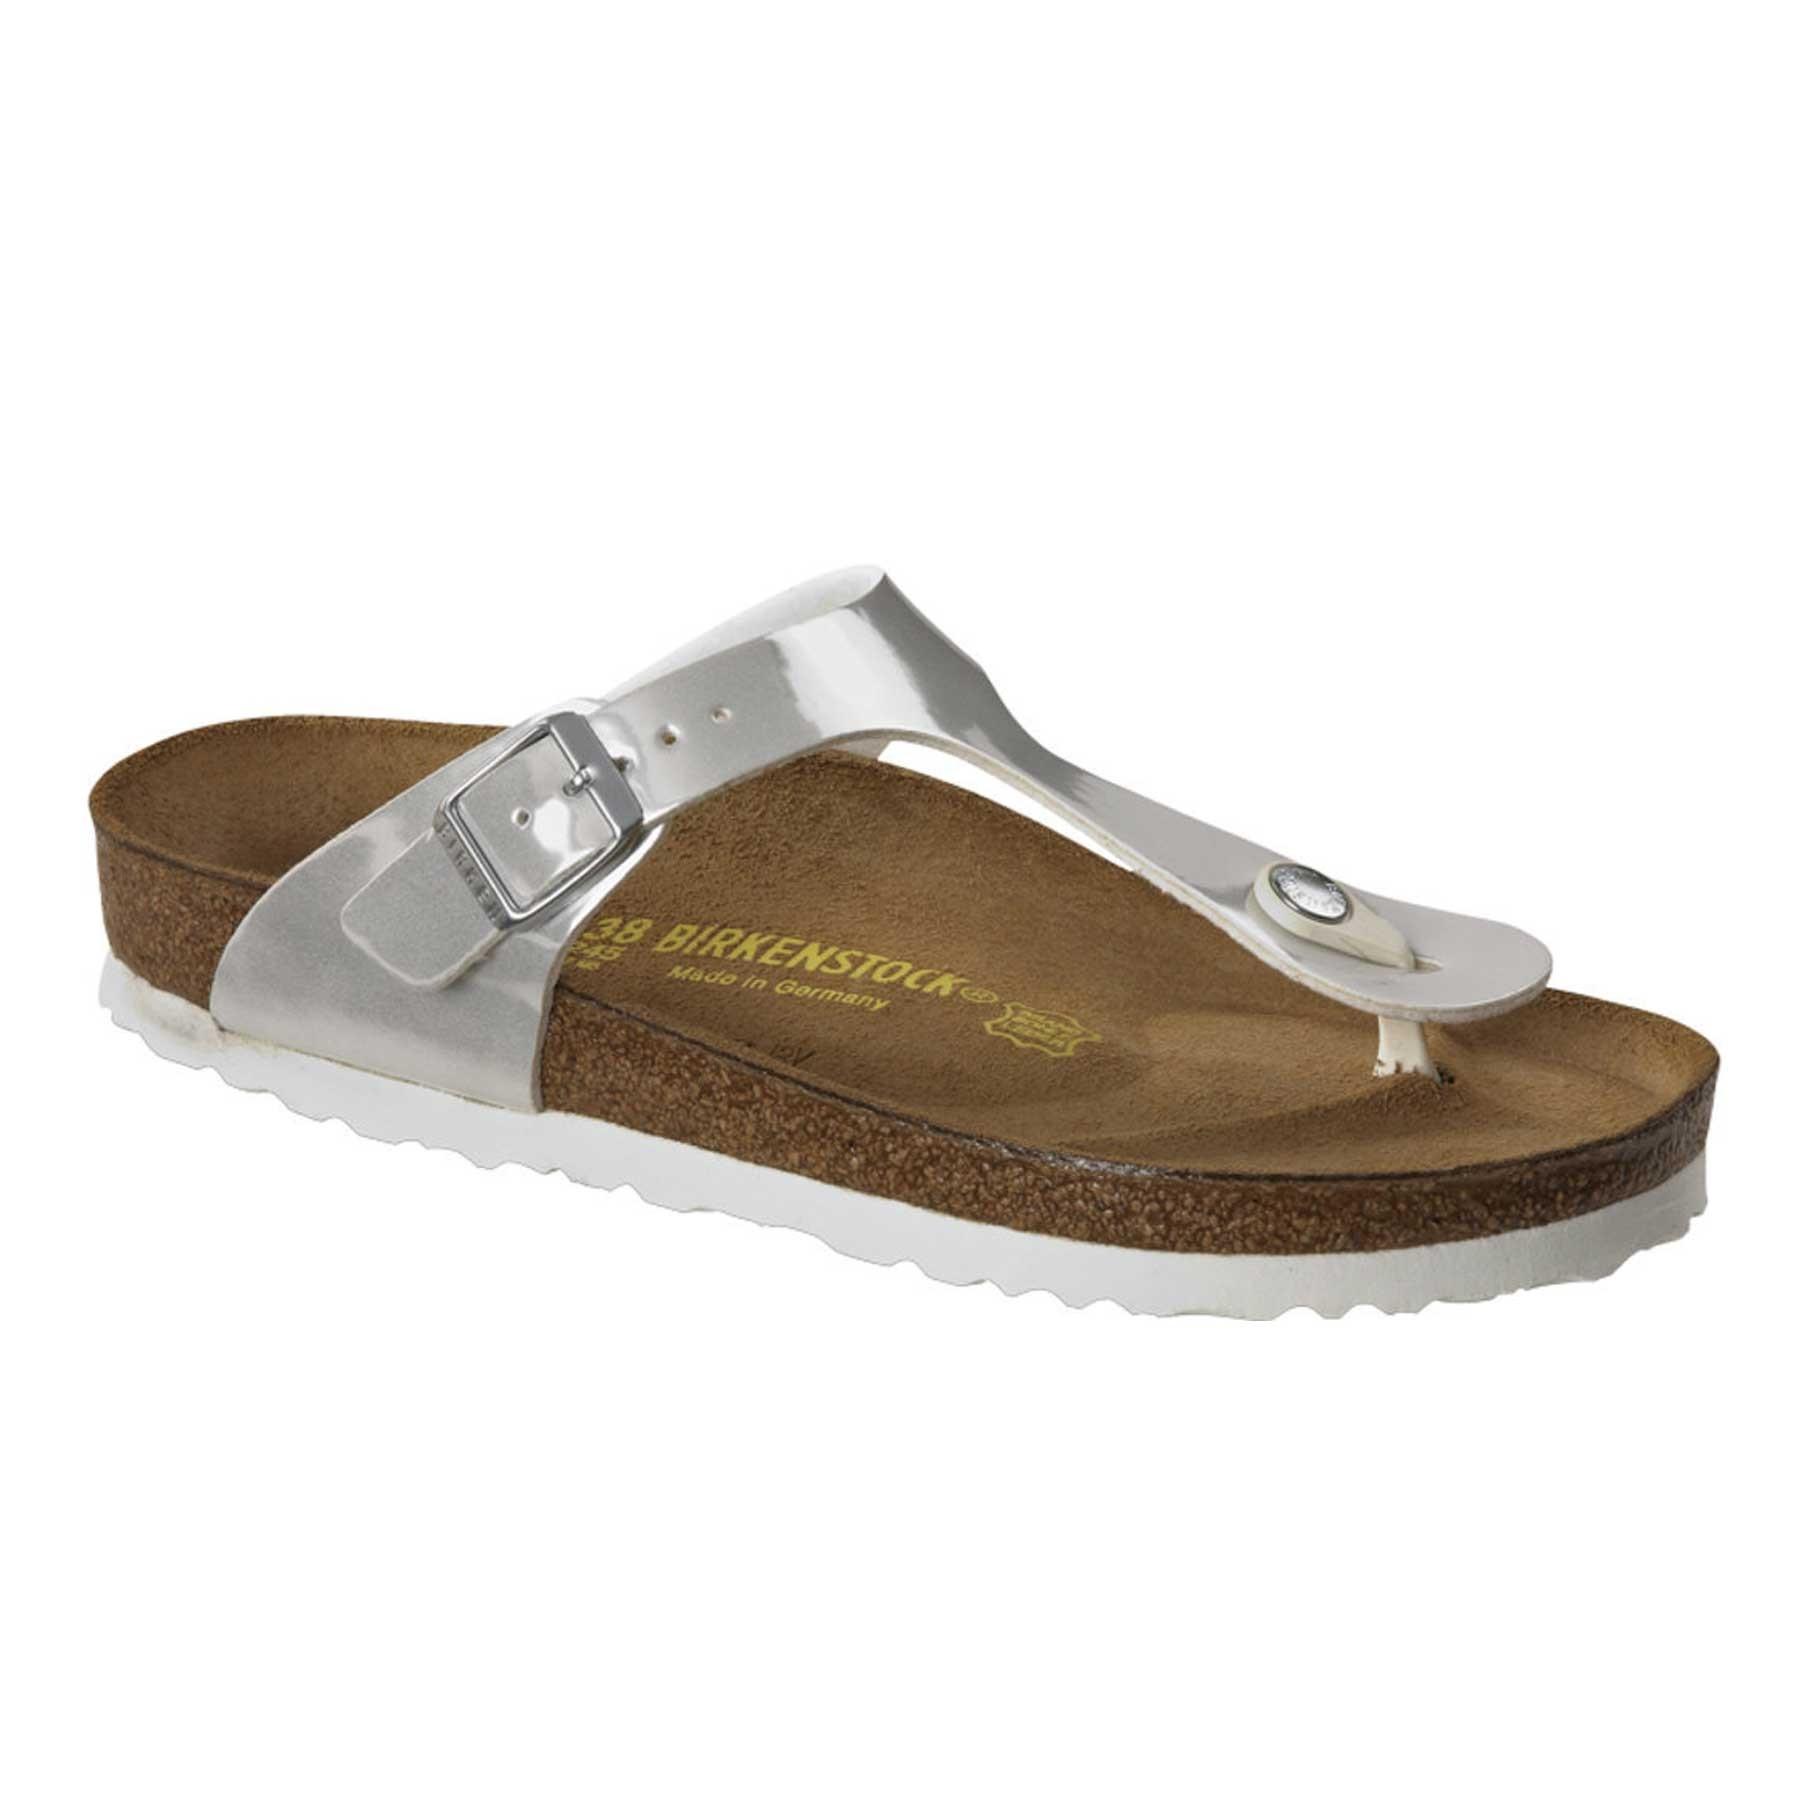 Sandali Birkenstock  per essere glamour anche a piedi nudi.  11149606 349311808590833 3513867455857359826 o 59bb0b8dd1e